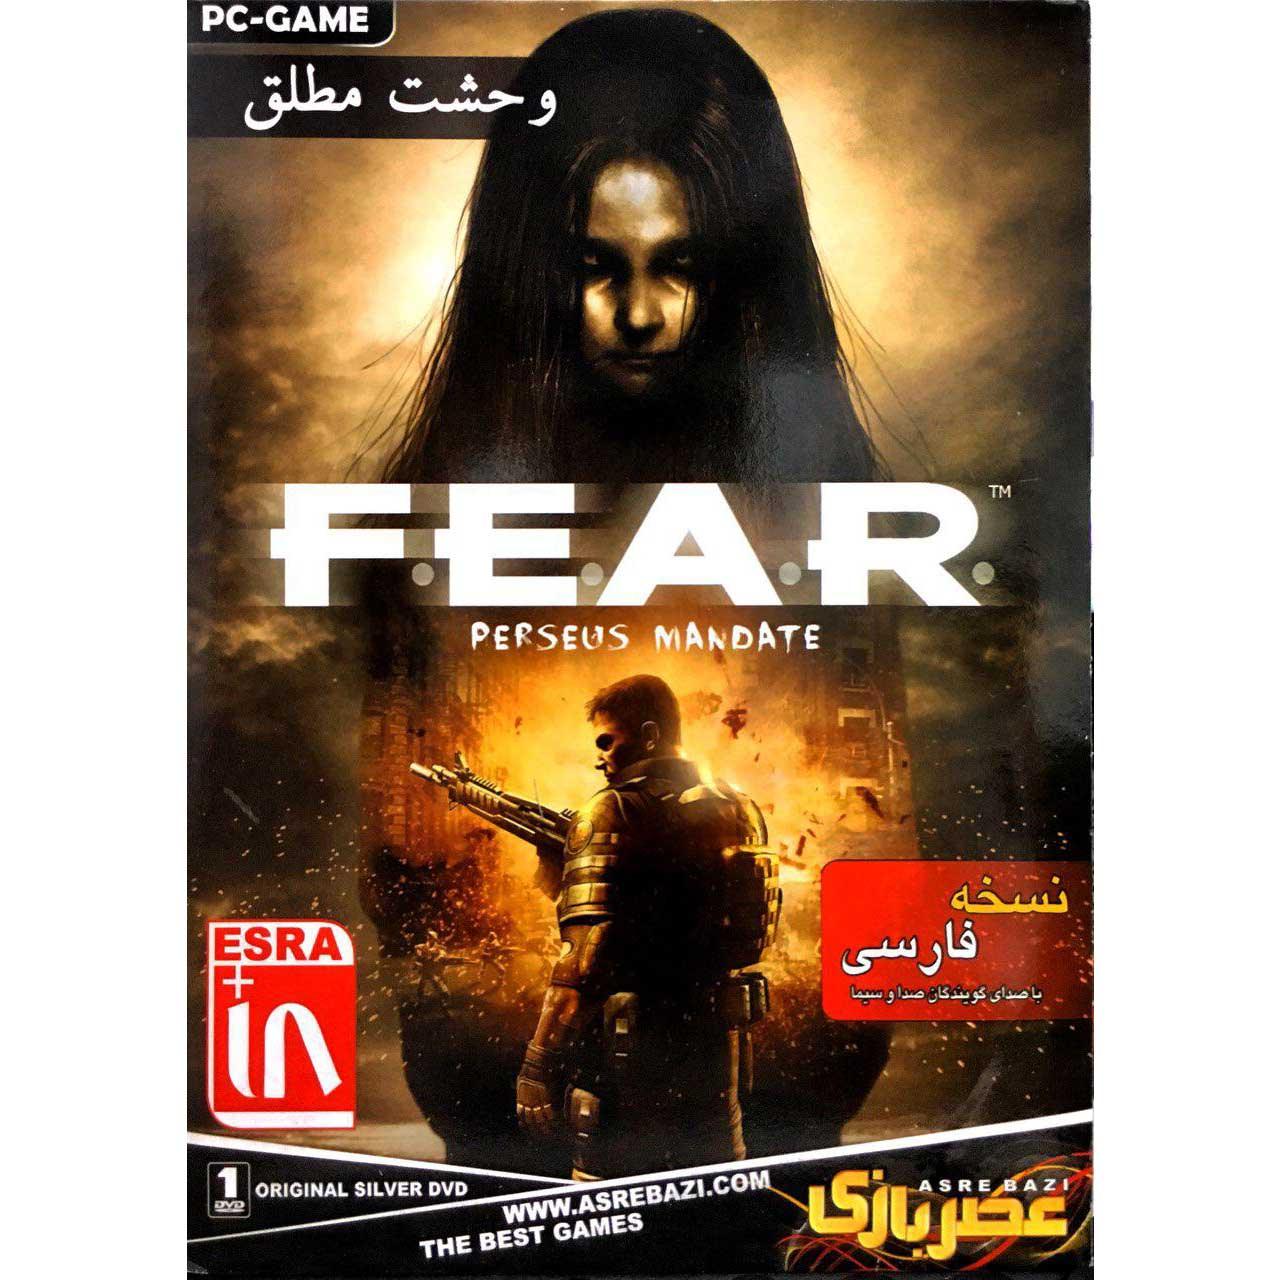 بازی FEAR PERSEUS MANDATE مخصوص کامپیوتر